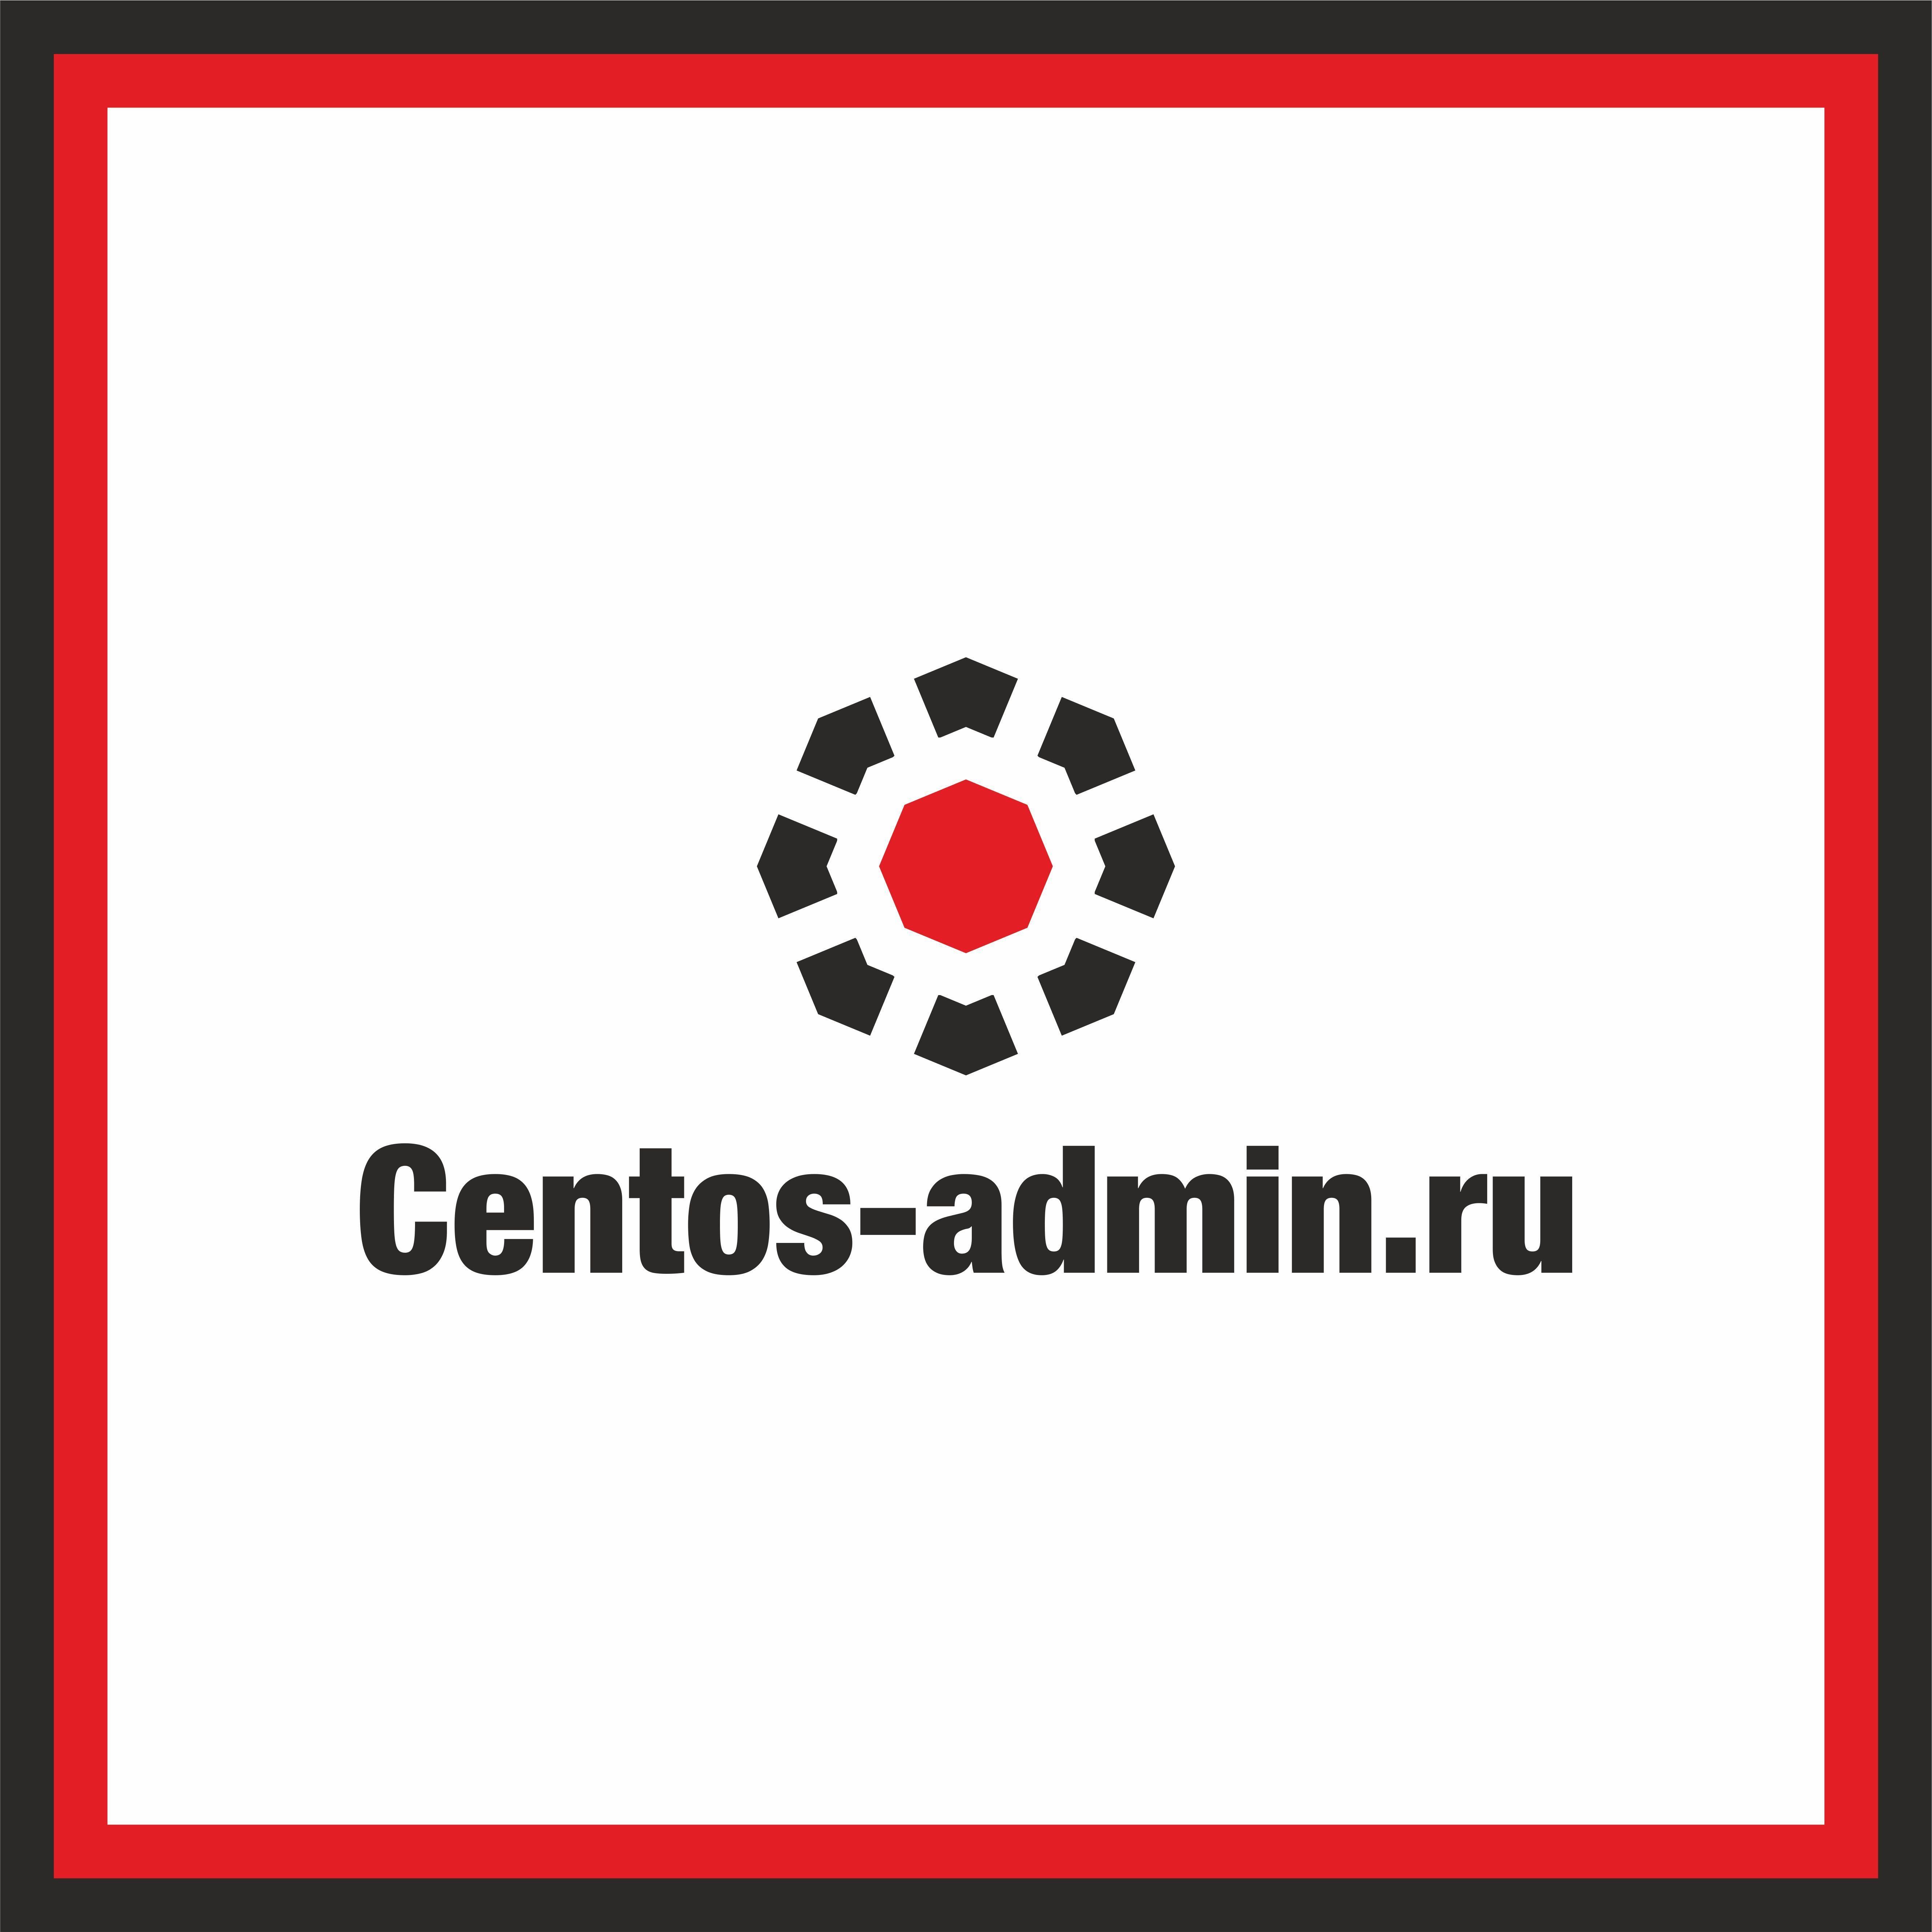 Логотип для компании Centos-admin.ru - дизайнер NickLight